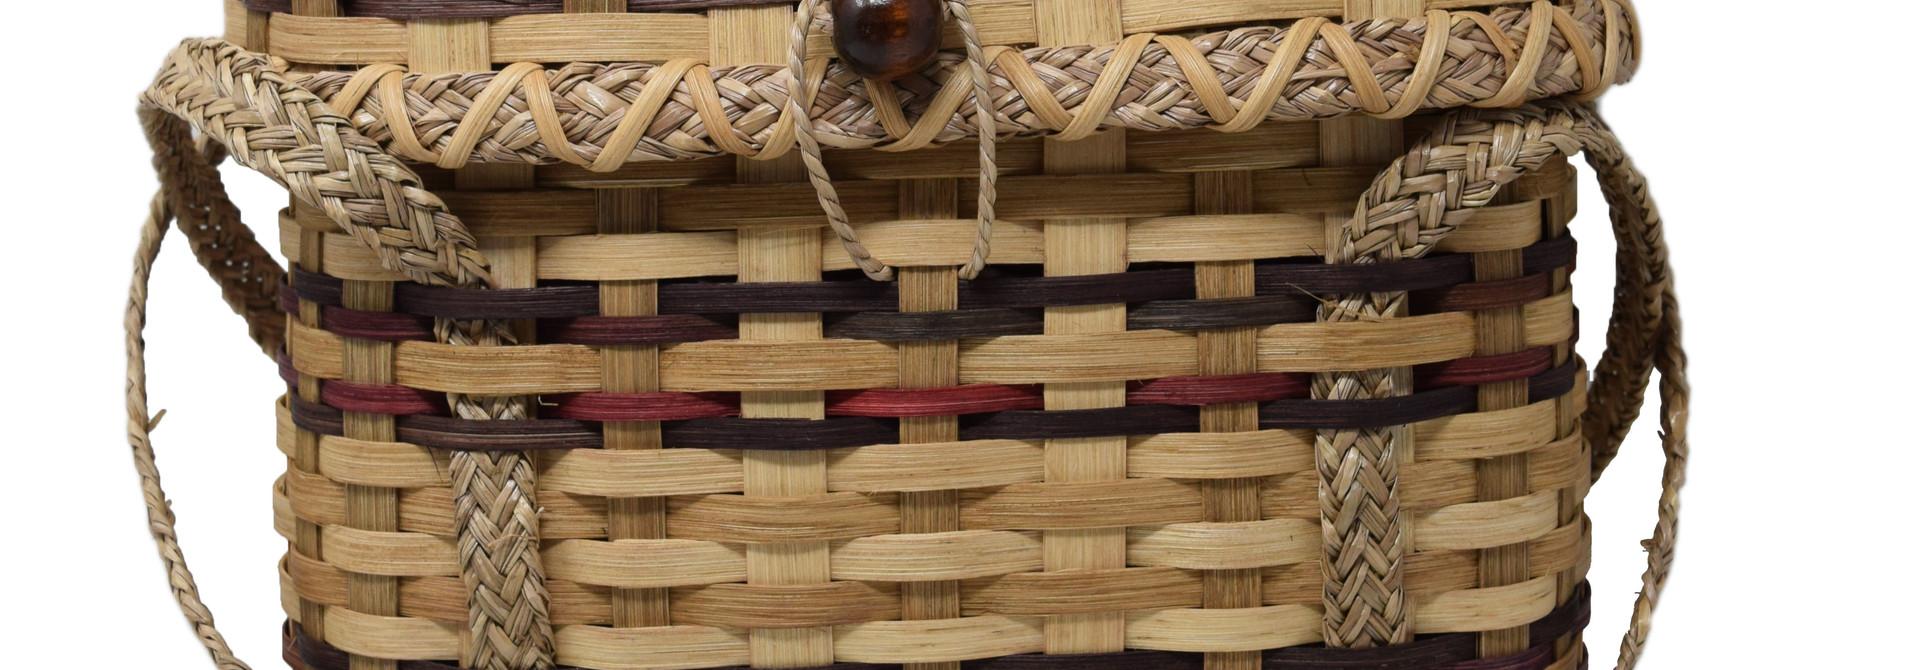 Haitian Tote Basket